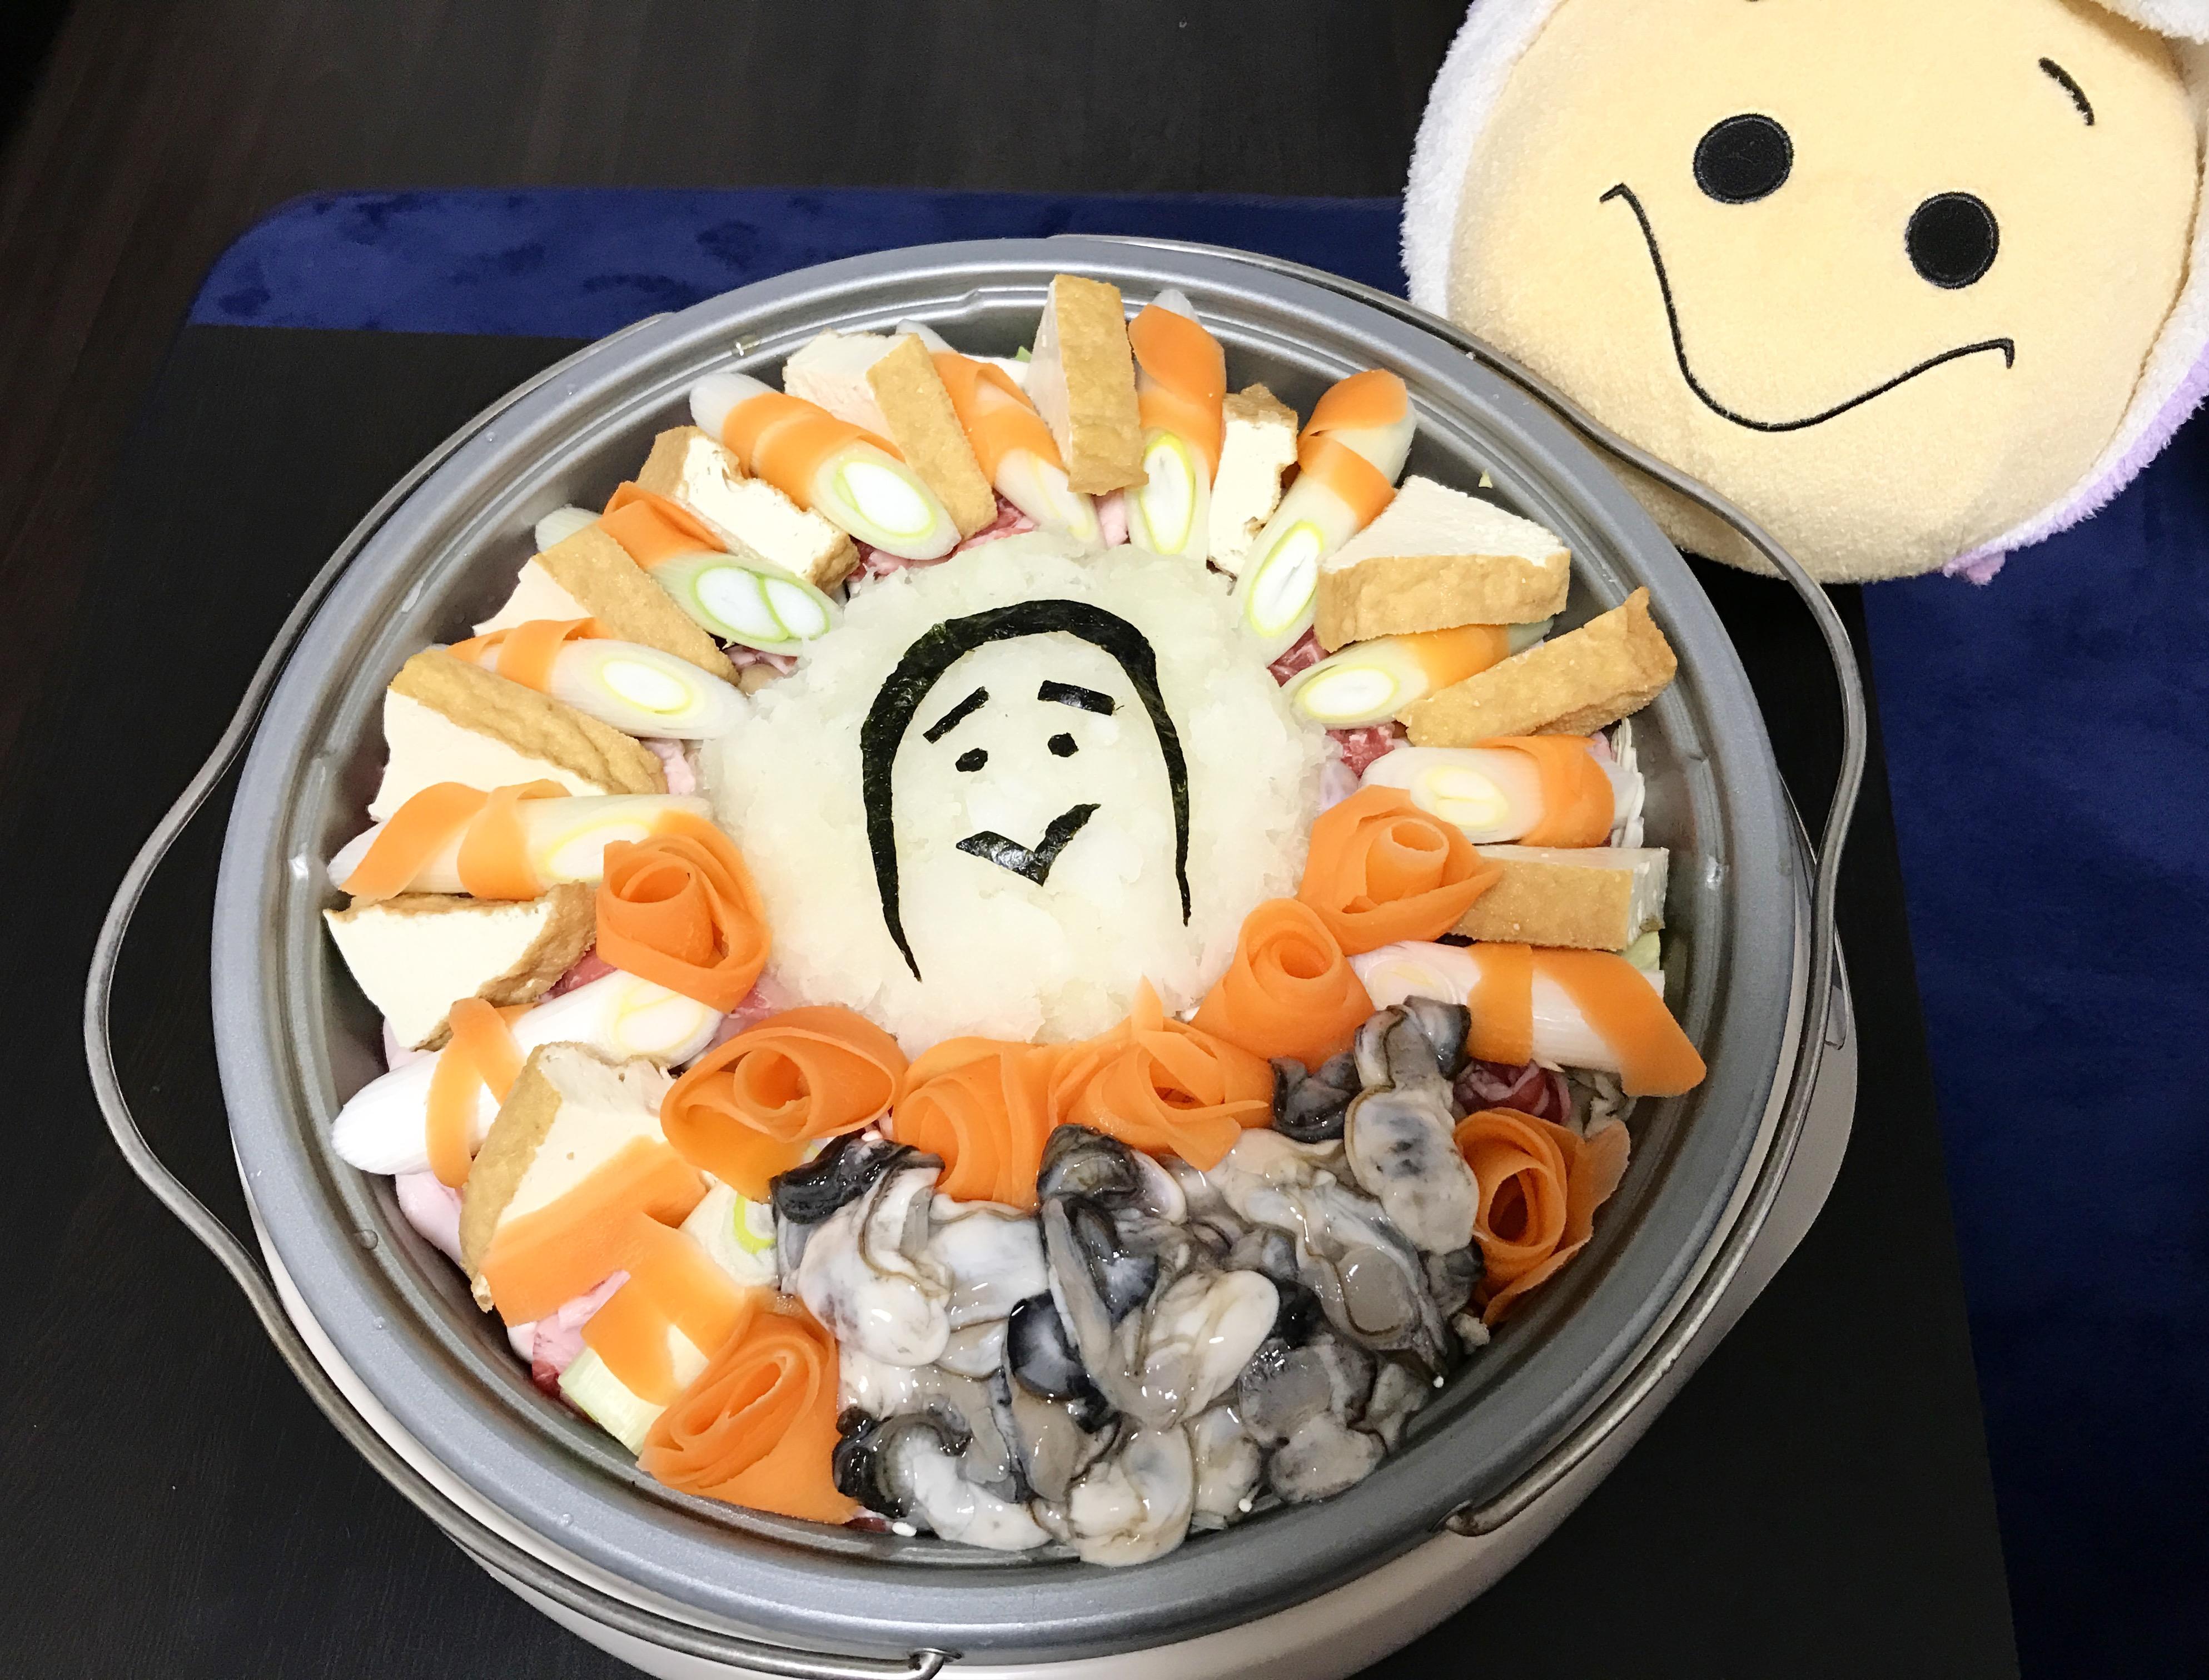 大根おろしアートの牡蠣鍋パーティー!